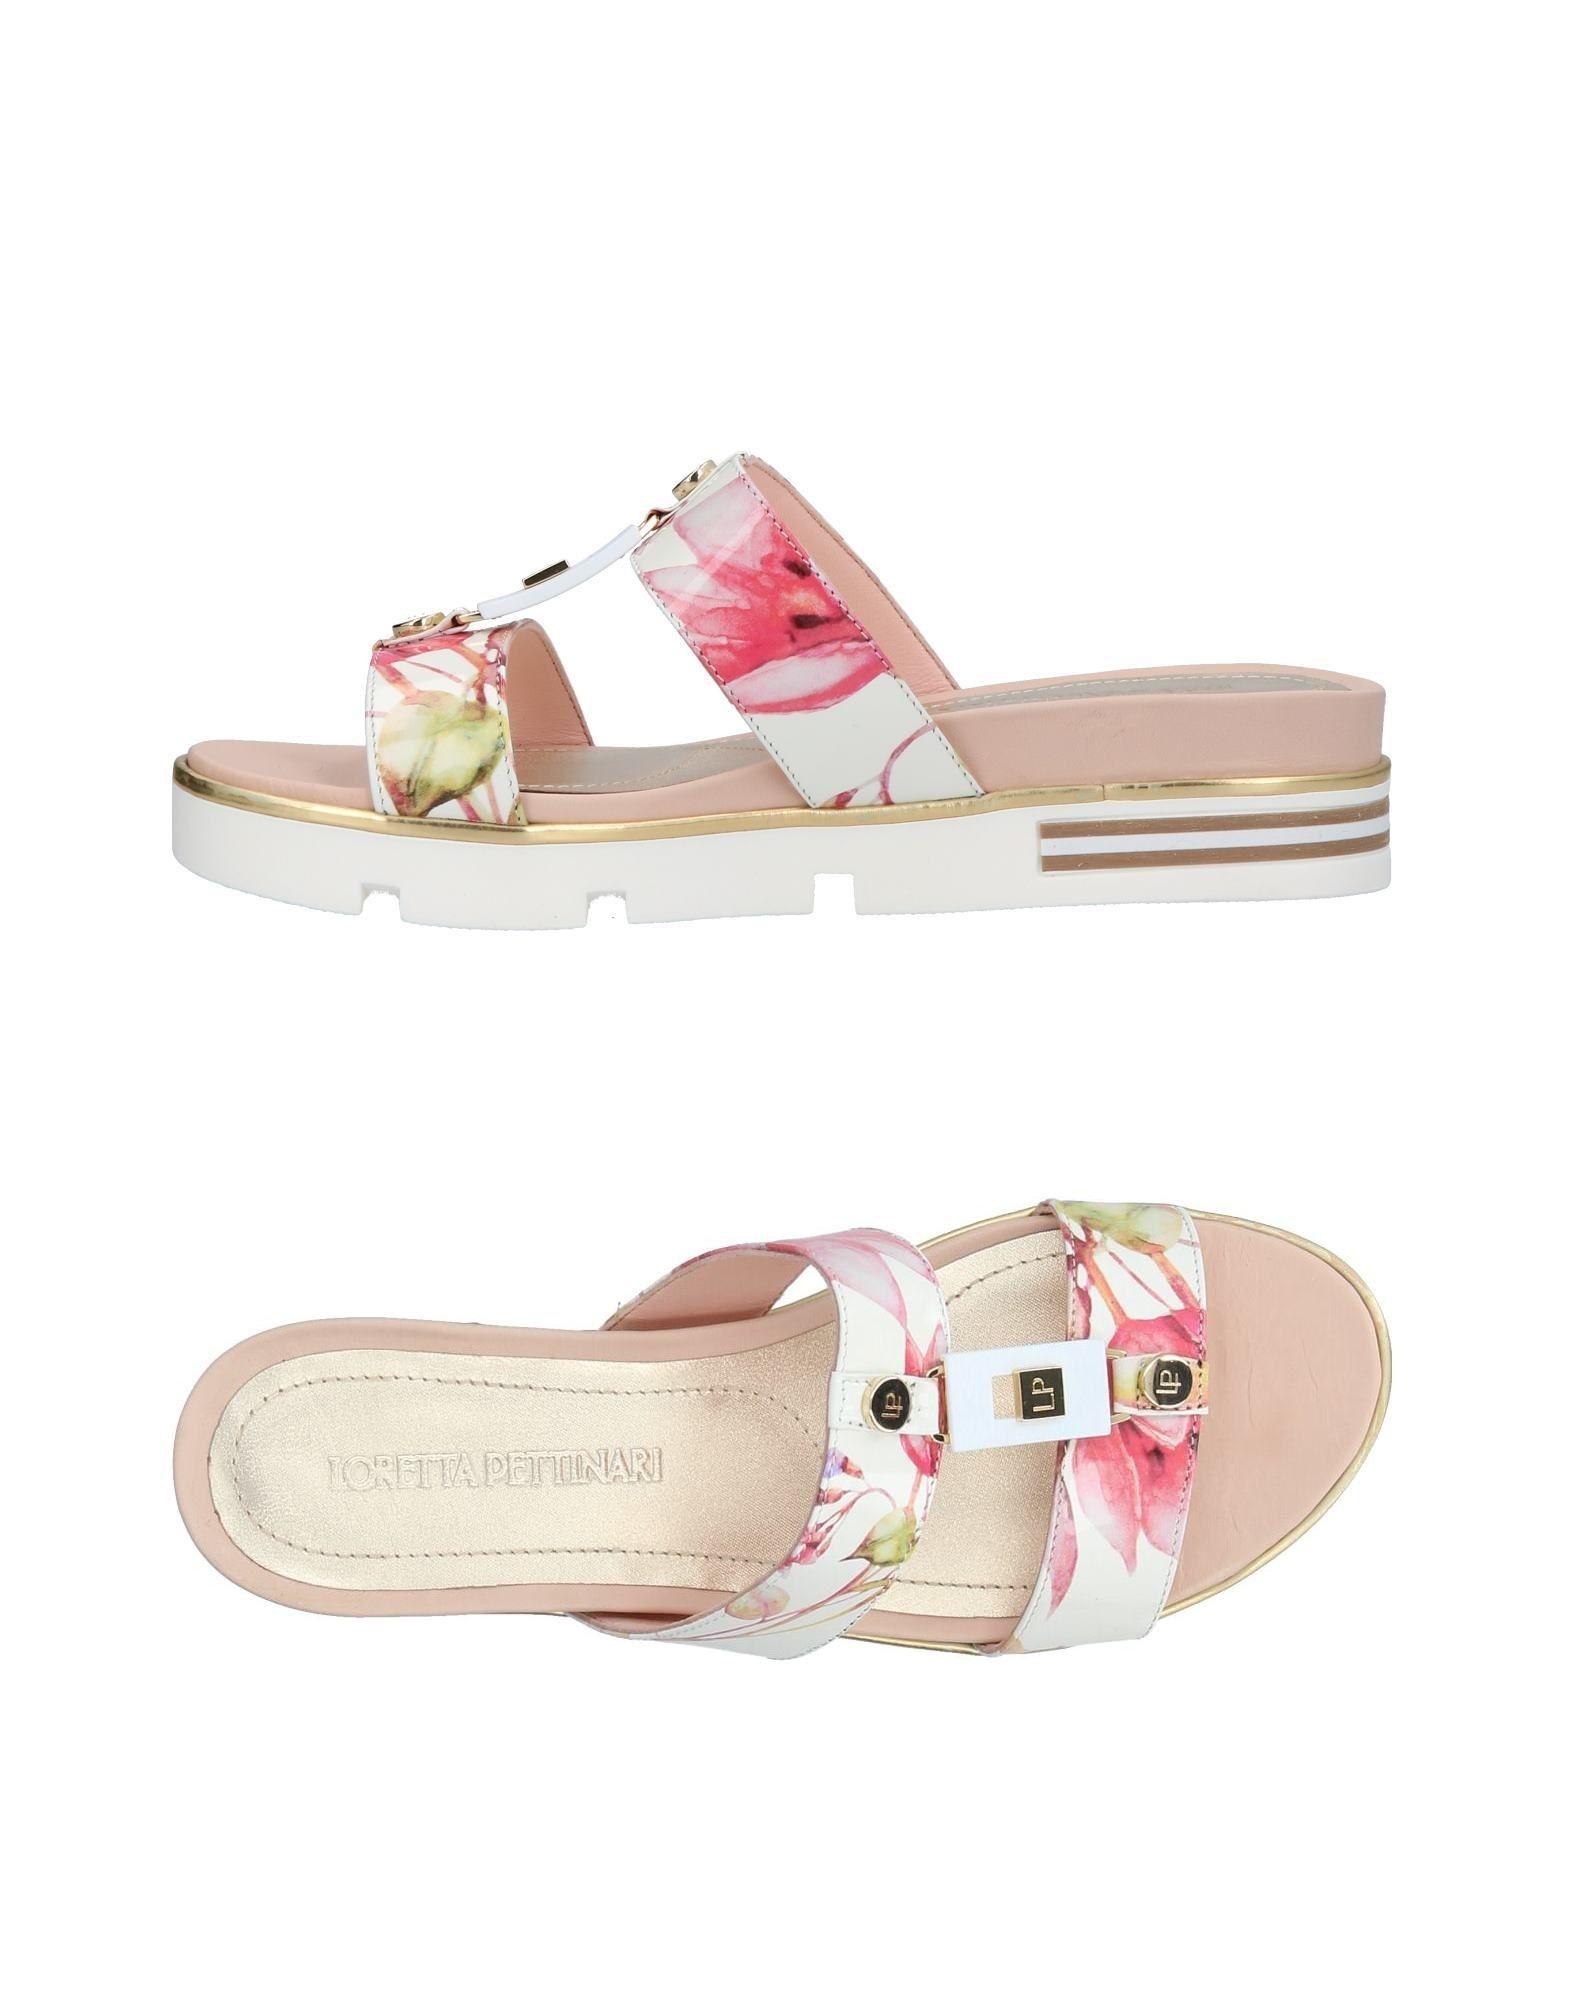 Loretta Pettinari Sandalen Damen  11386847KN Gute Qualität beliebte Schuhe